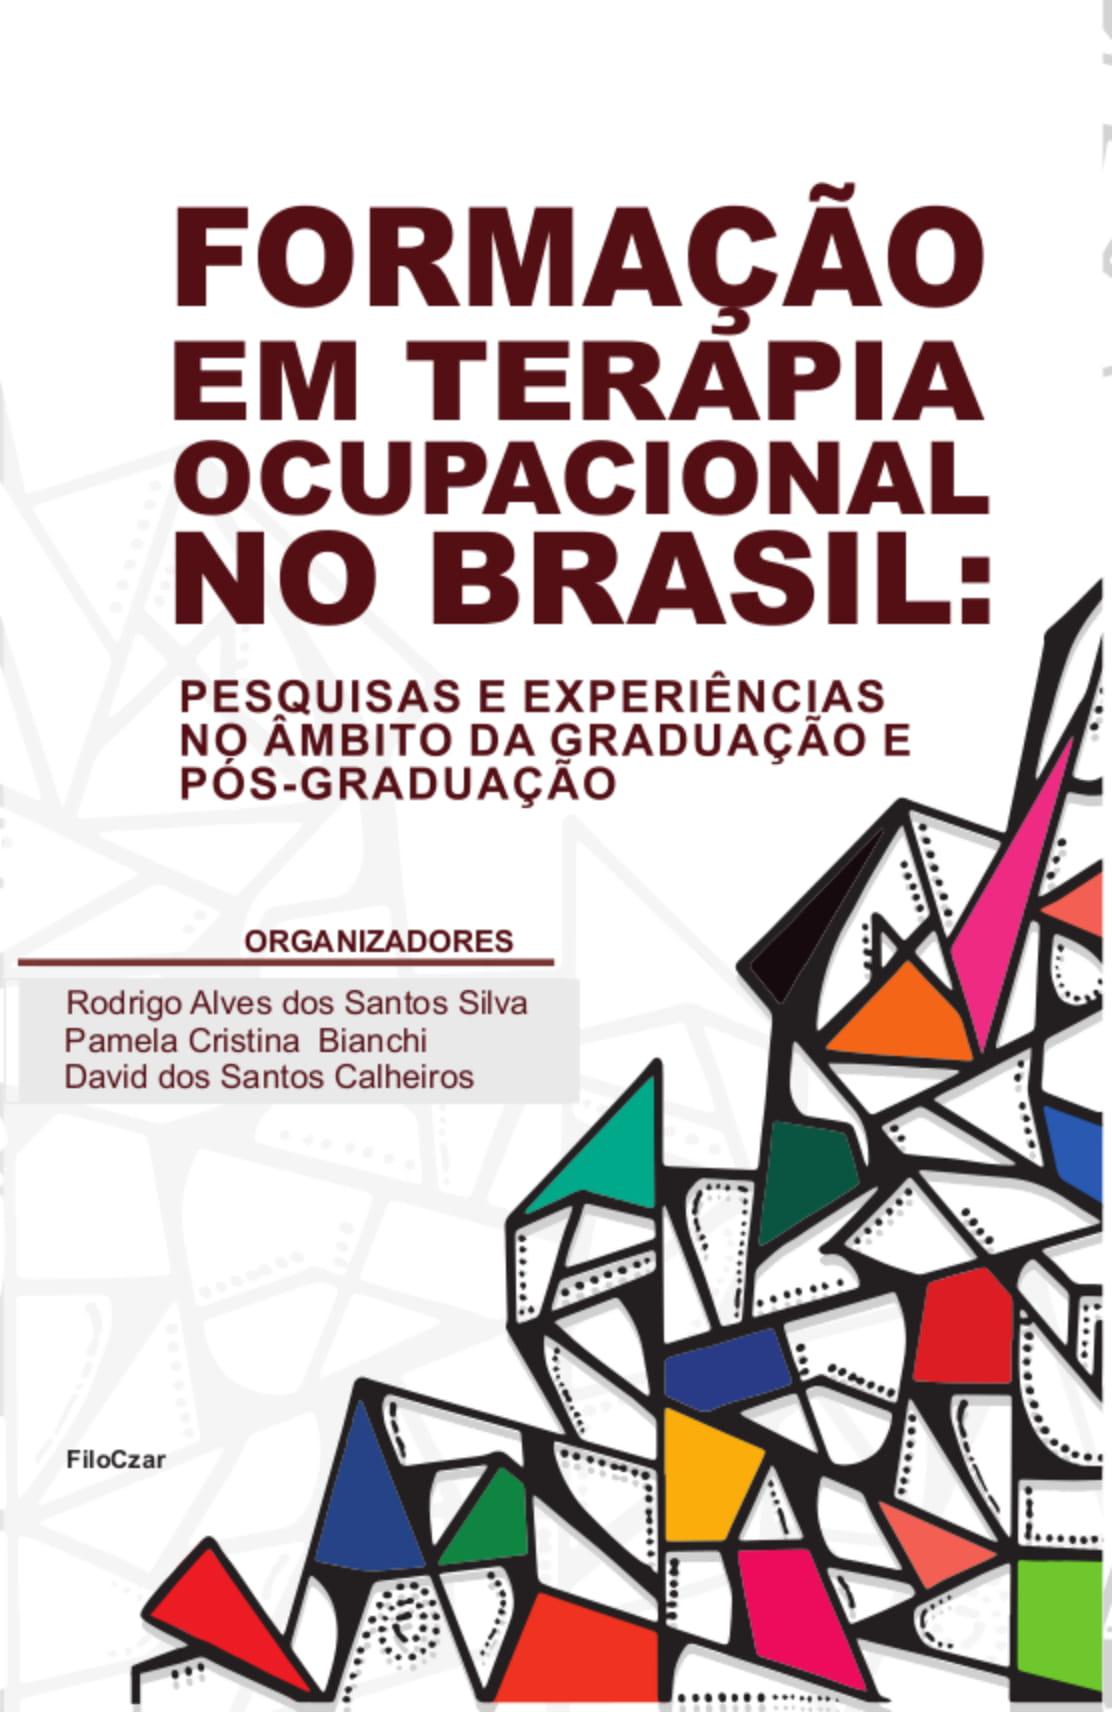 Formação em Terapia Ocupacional no Brasil: pesquisas e experiências no âmbito da graduação e pós-graduação